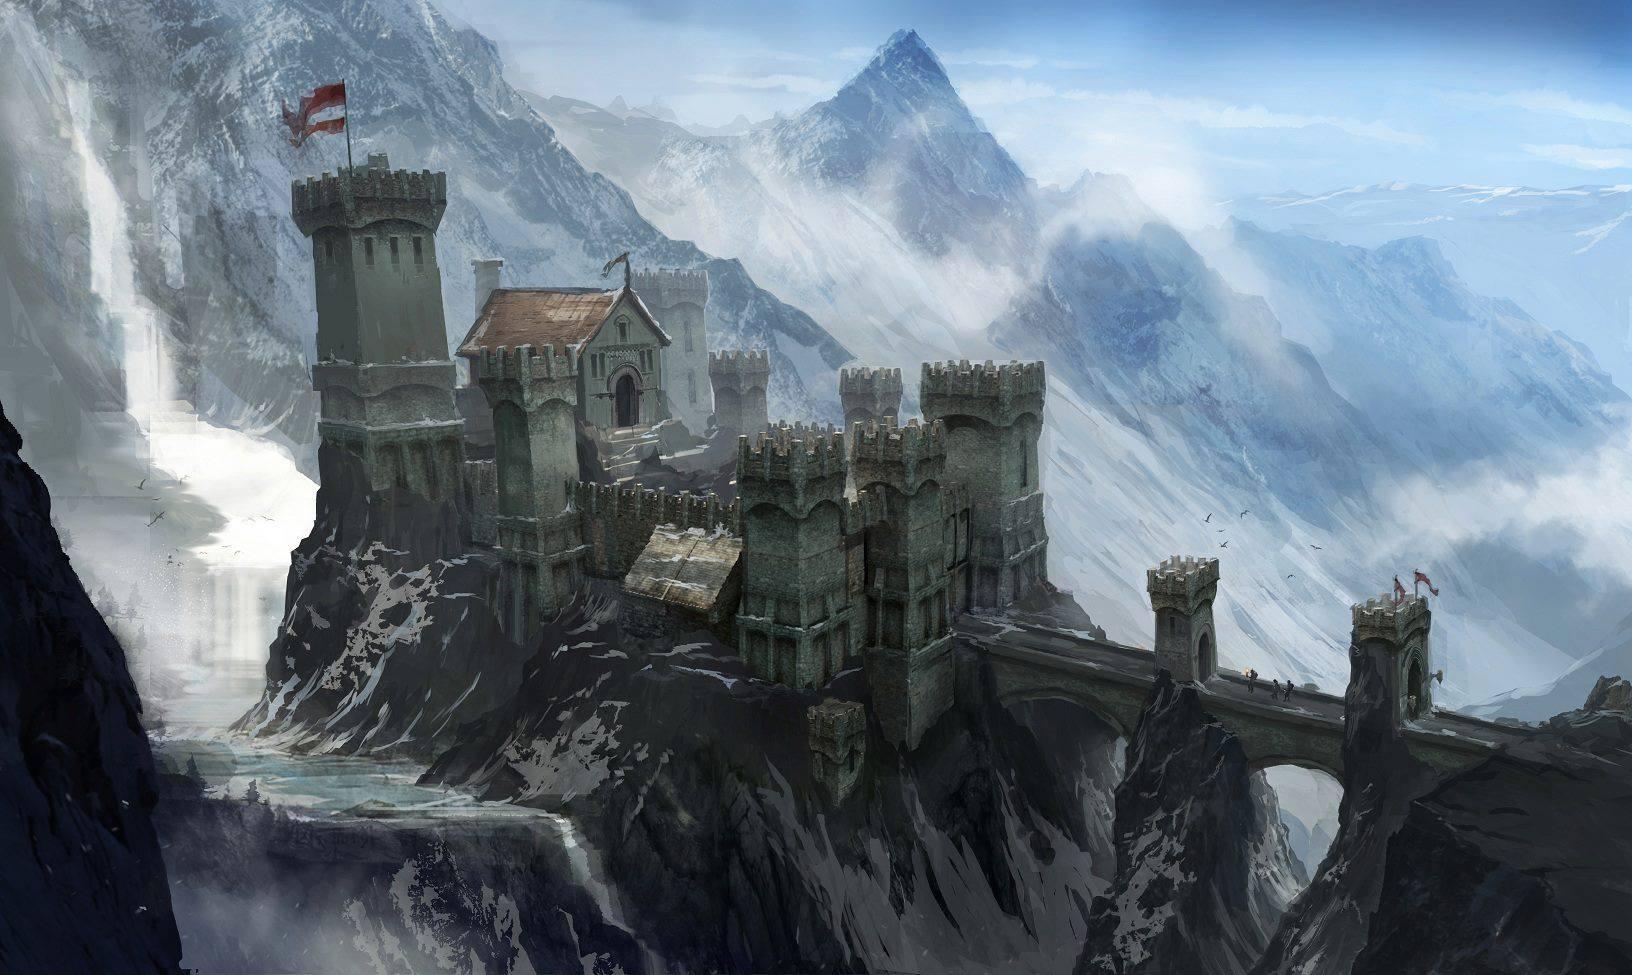 VengefulTemplar/Dragon Age: Inquisition - Concept Art 4